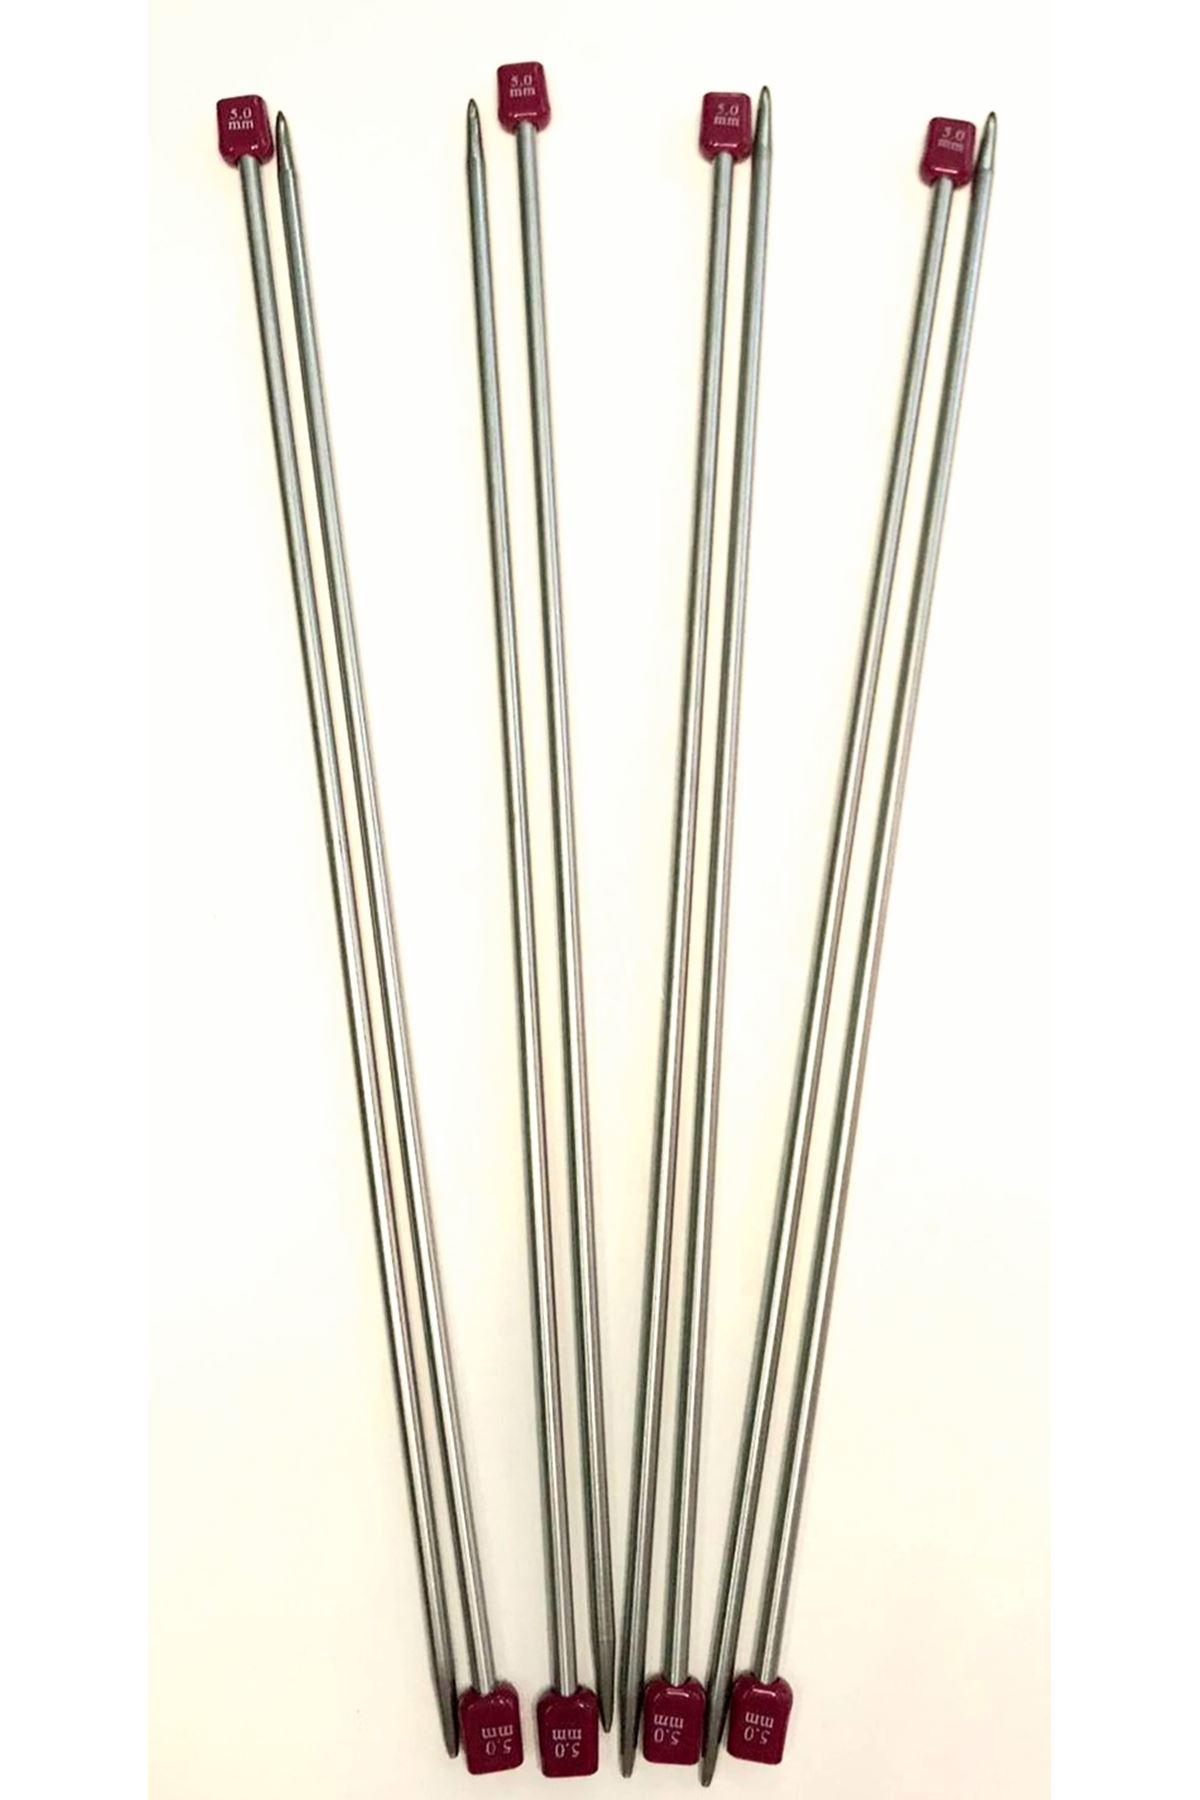 Titanyum/Çelik Şiş 4,5 mm